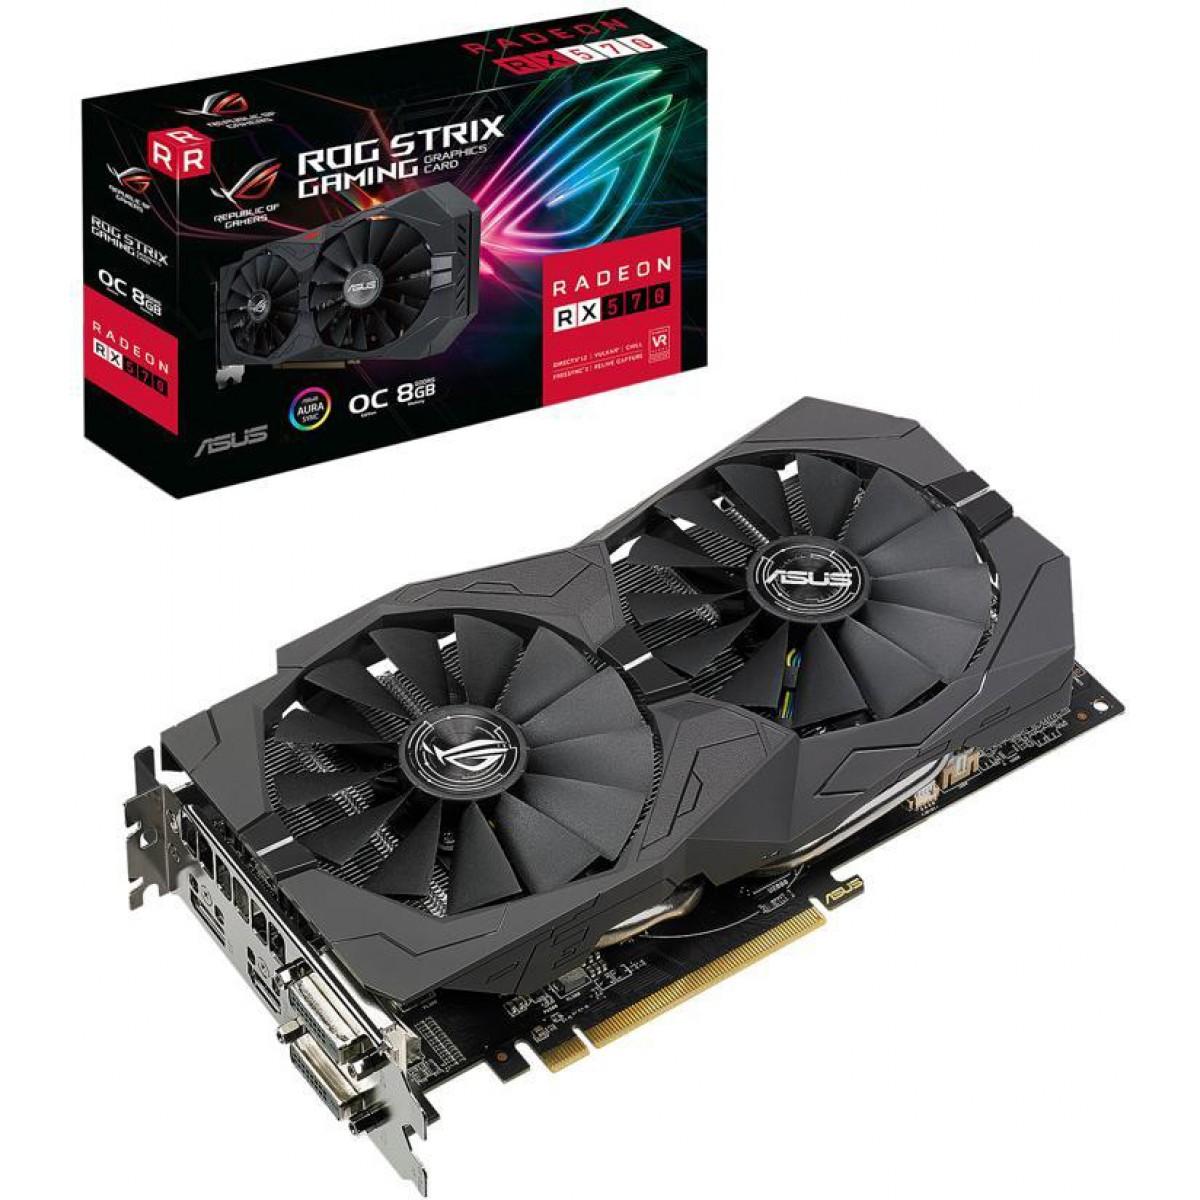 Placa de Vídeo Asus, Rog Strix Radeon, RX 570 OC, Dual, 8GB, GDDR5, 256Bit, ROG-STRIX-RX570-O8G-GAMING